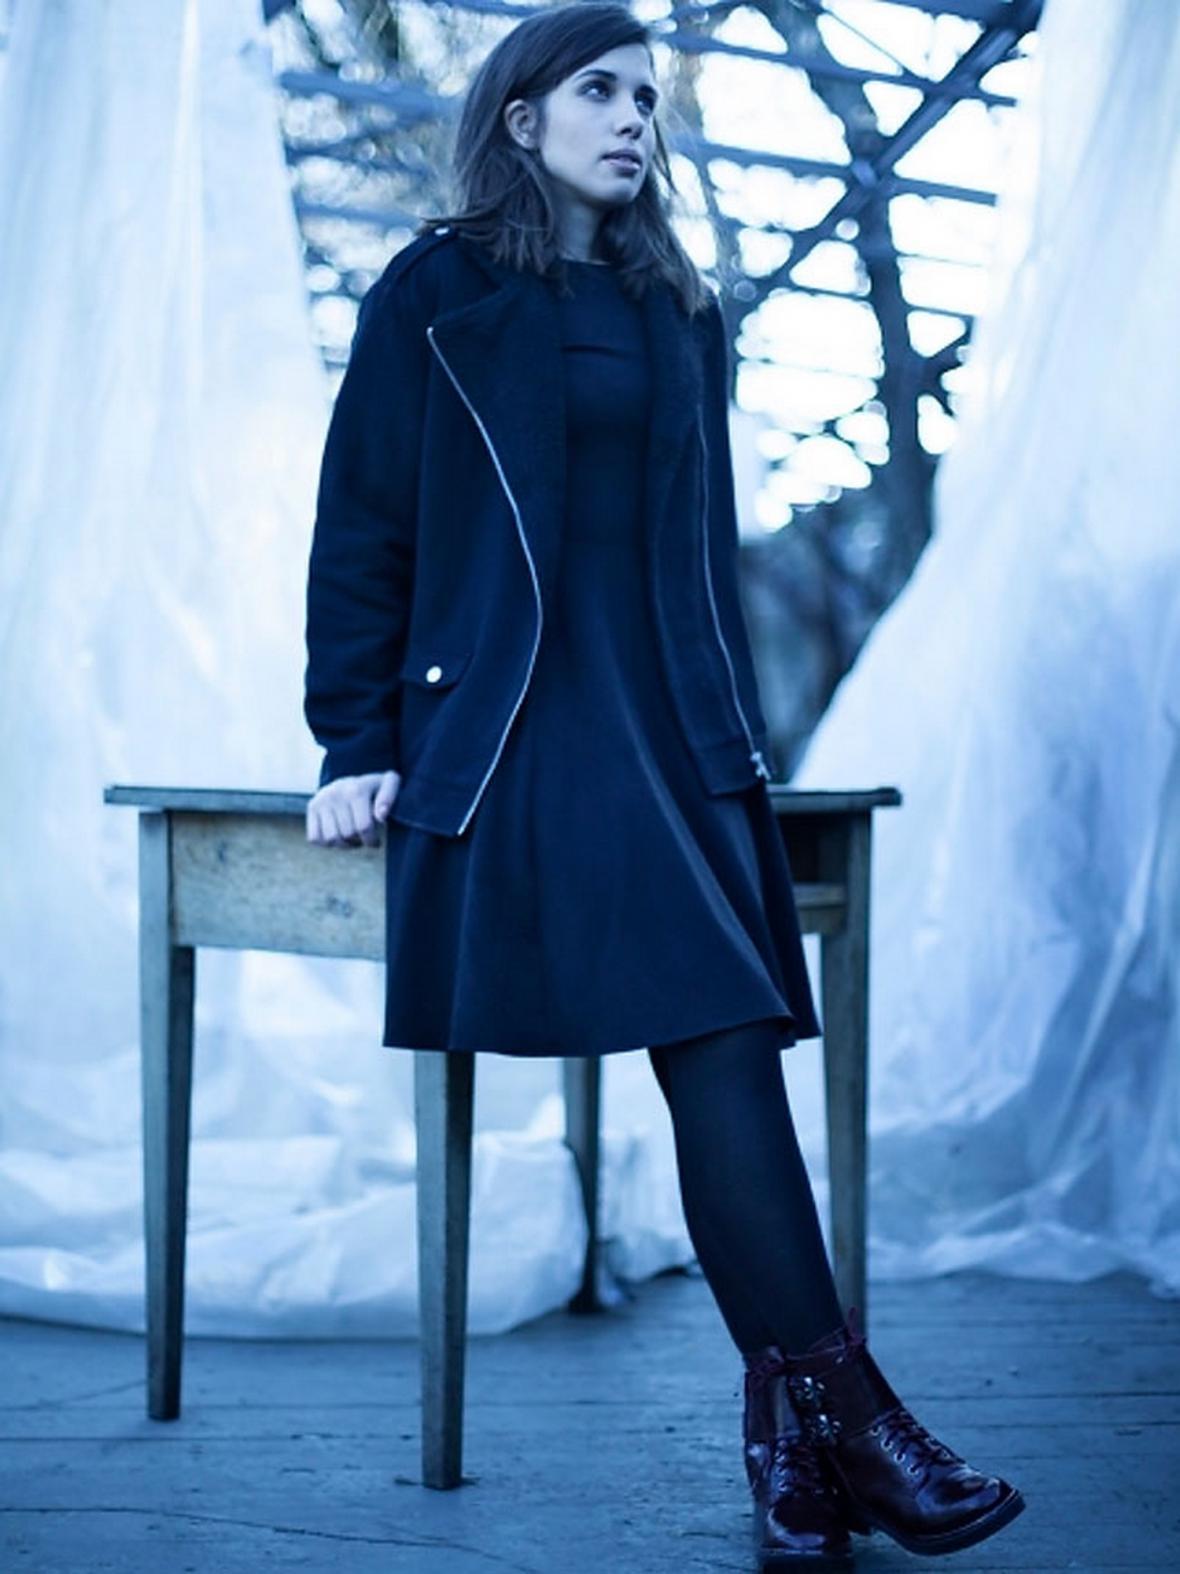 Tolokonnikovová jako modelka americkým oděvníkům